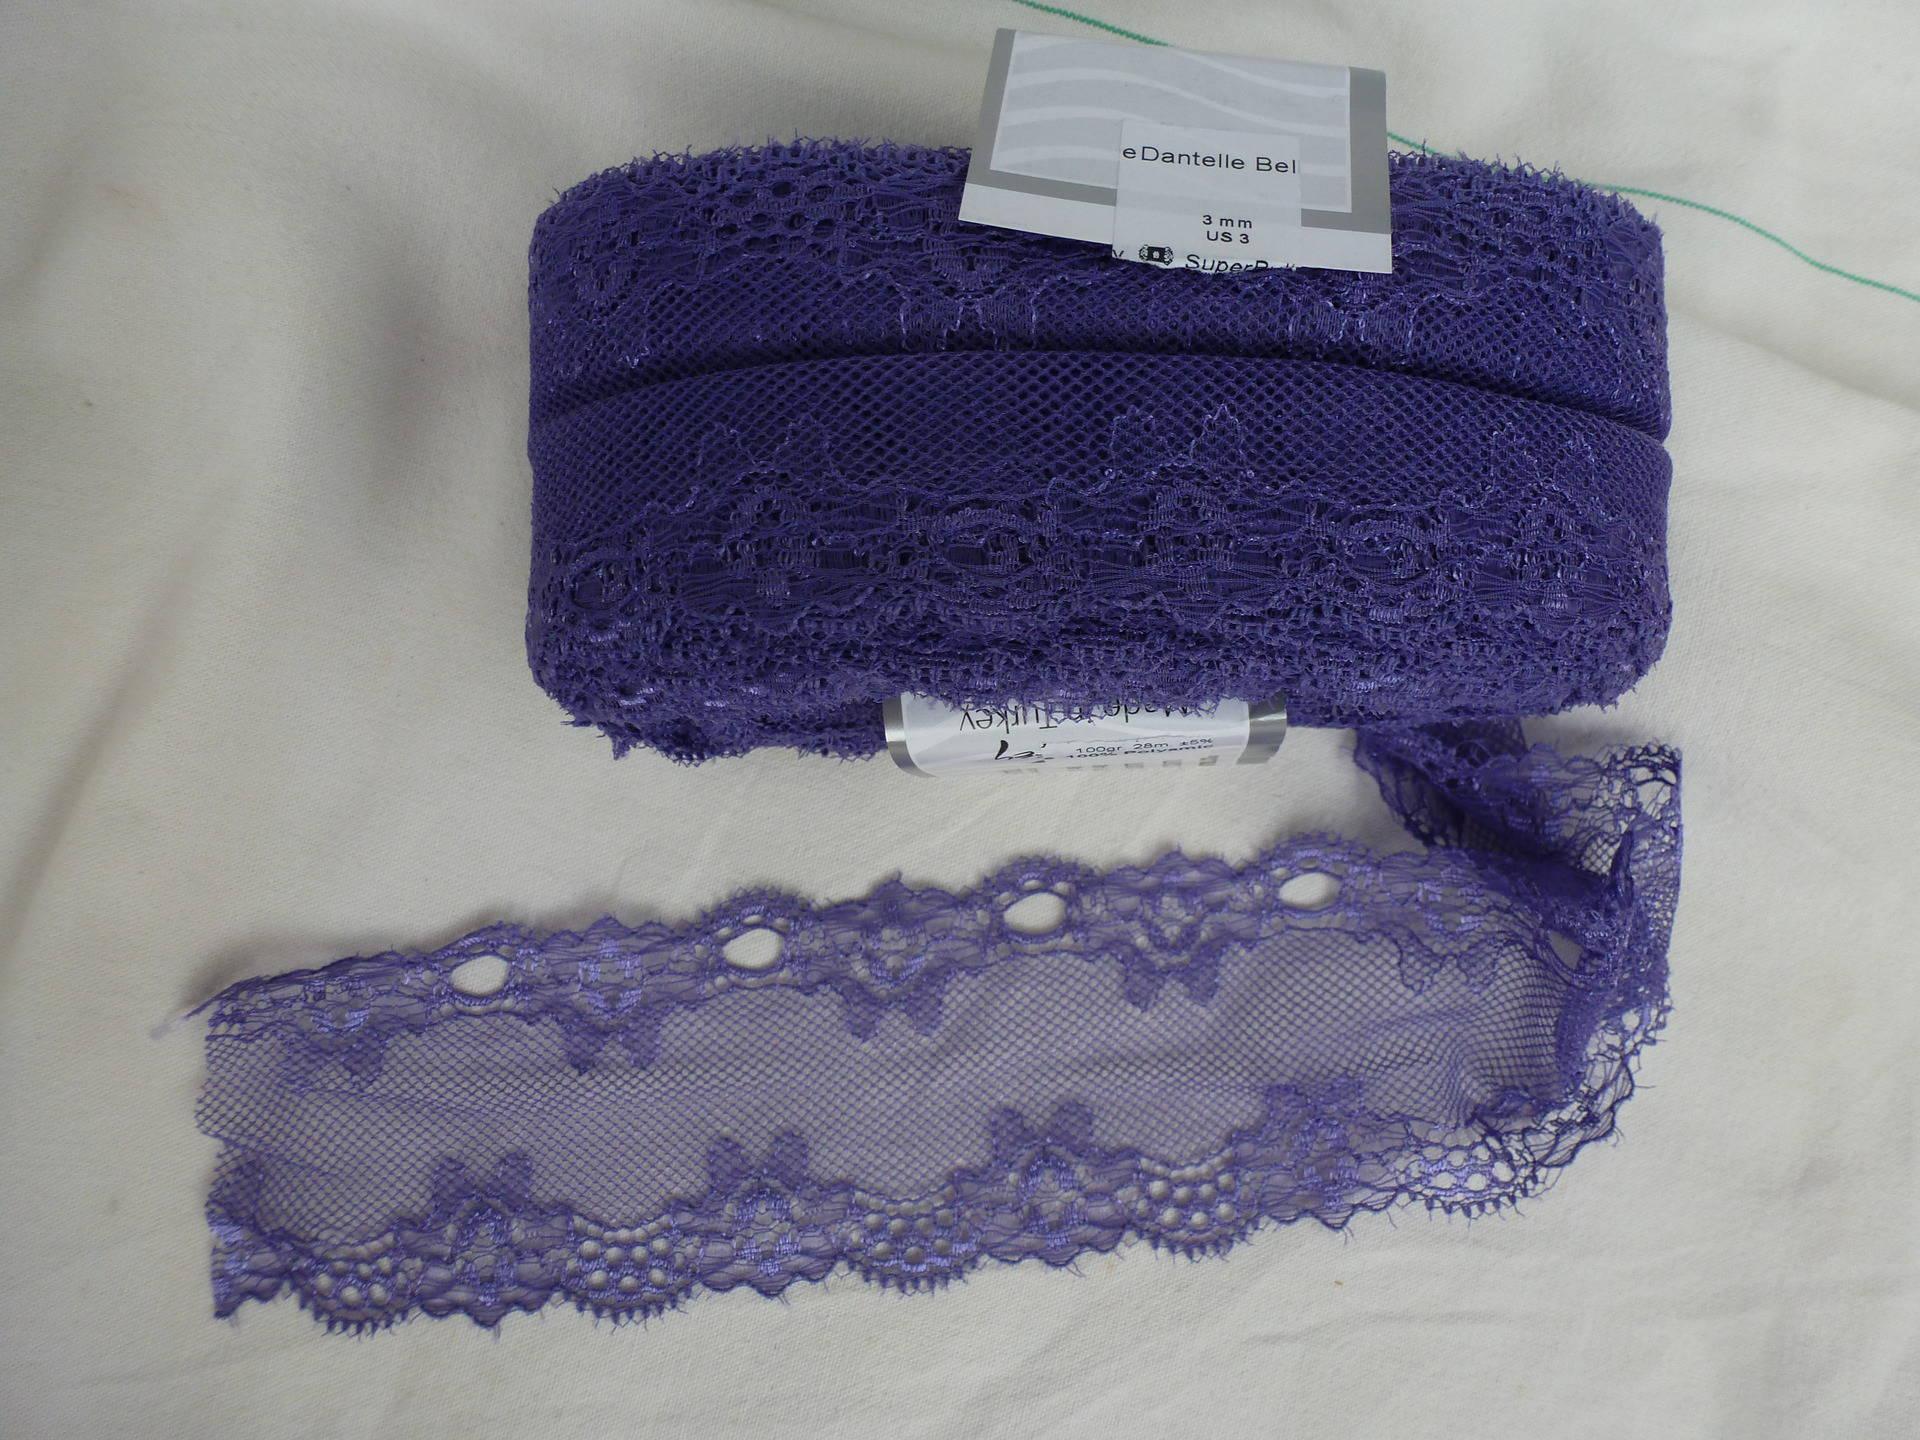 pelote de dentelle  belle violet clair  n°24927 à tricoter pour une superbe écharpe à volants , encolure ou déco couture